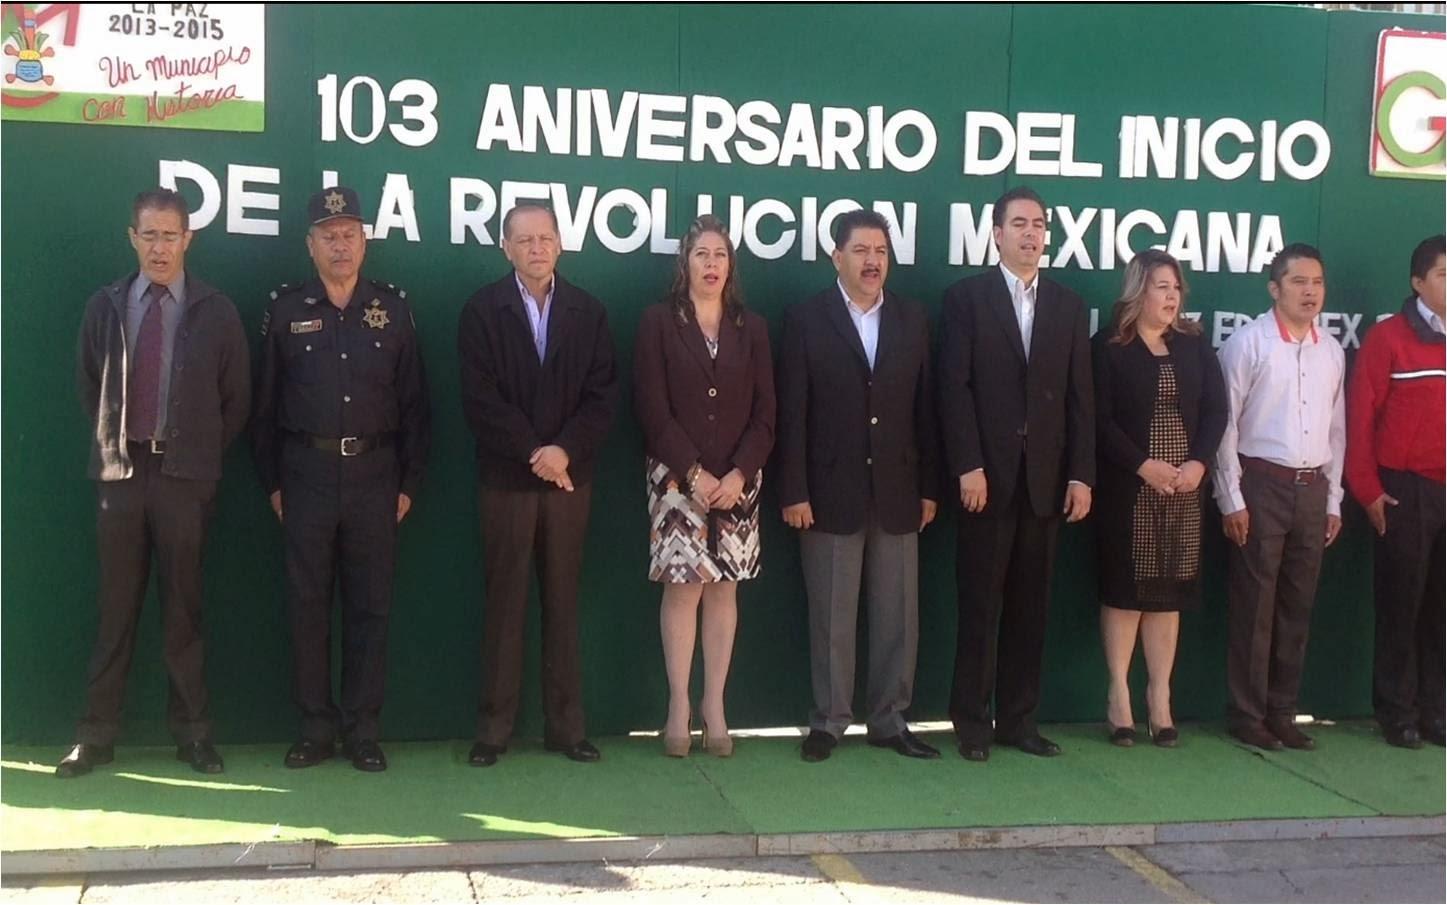 103 ANIVERSARIO DEL INICIO DE LA REVOLUCION MEXICANA